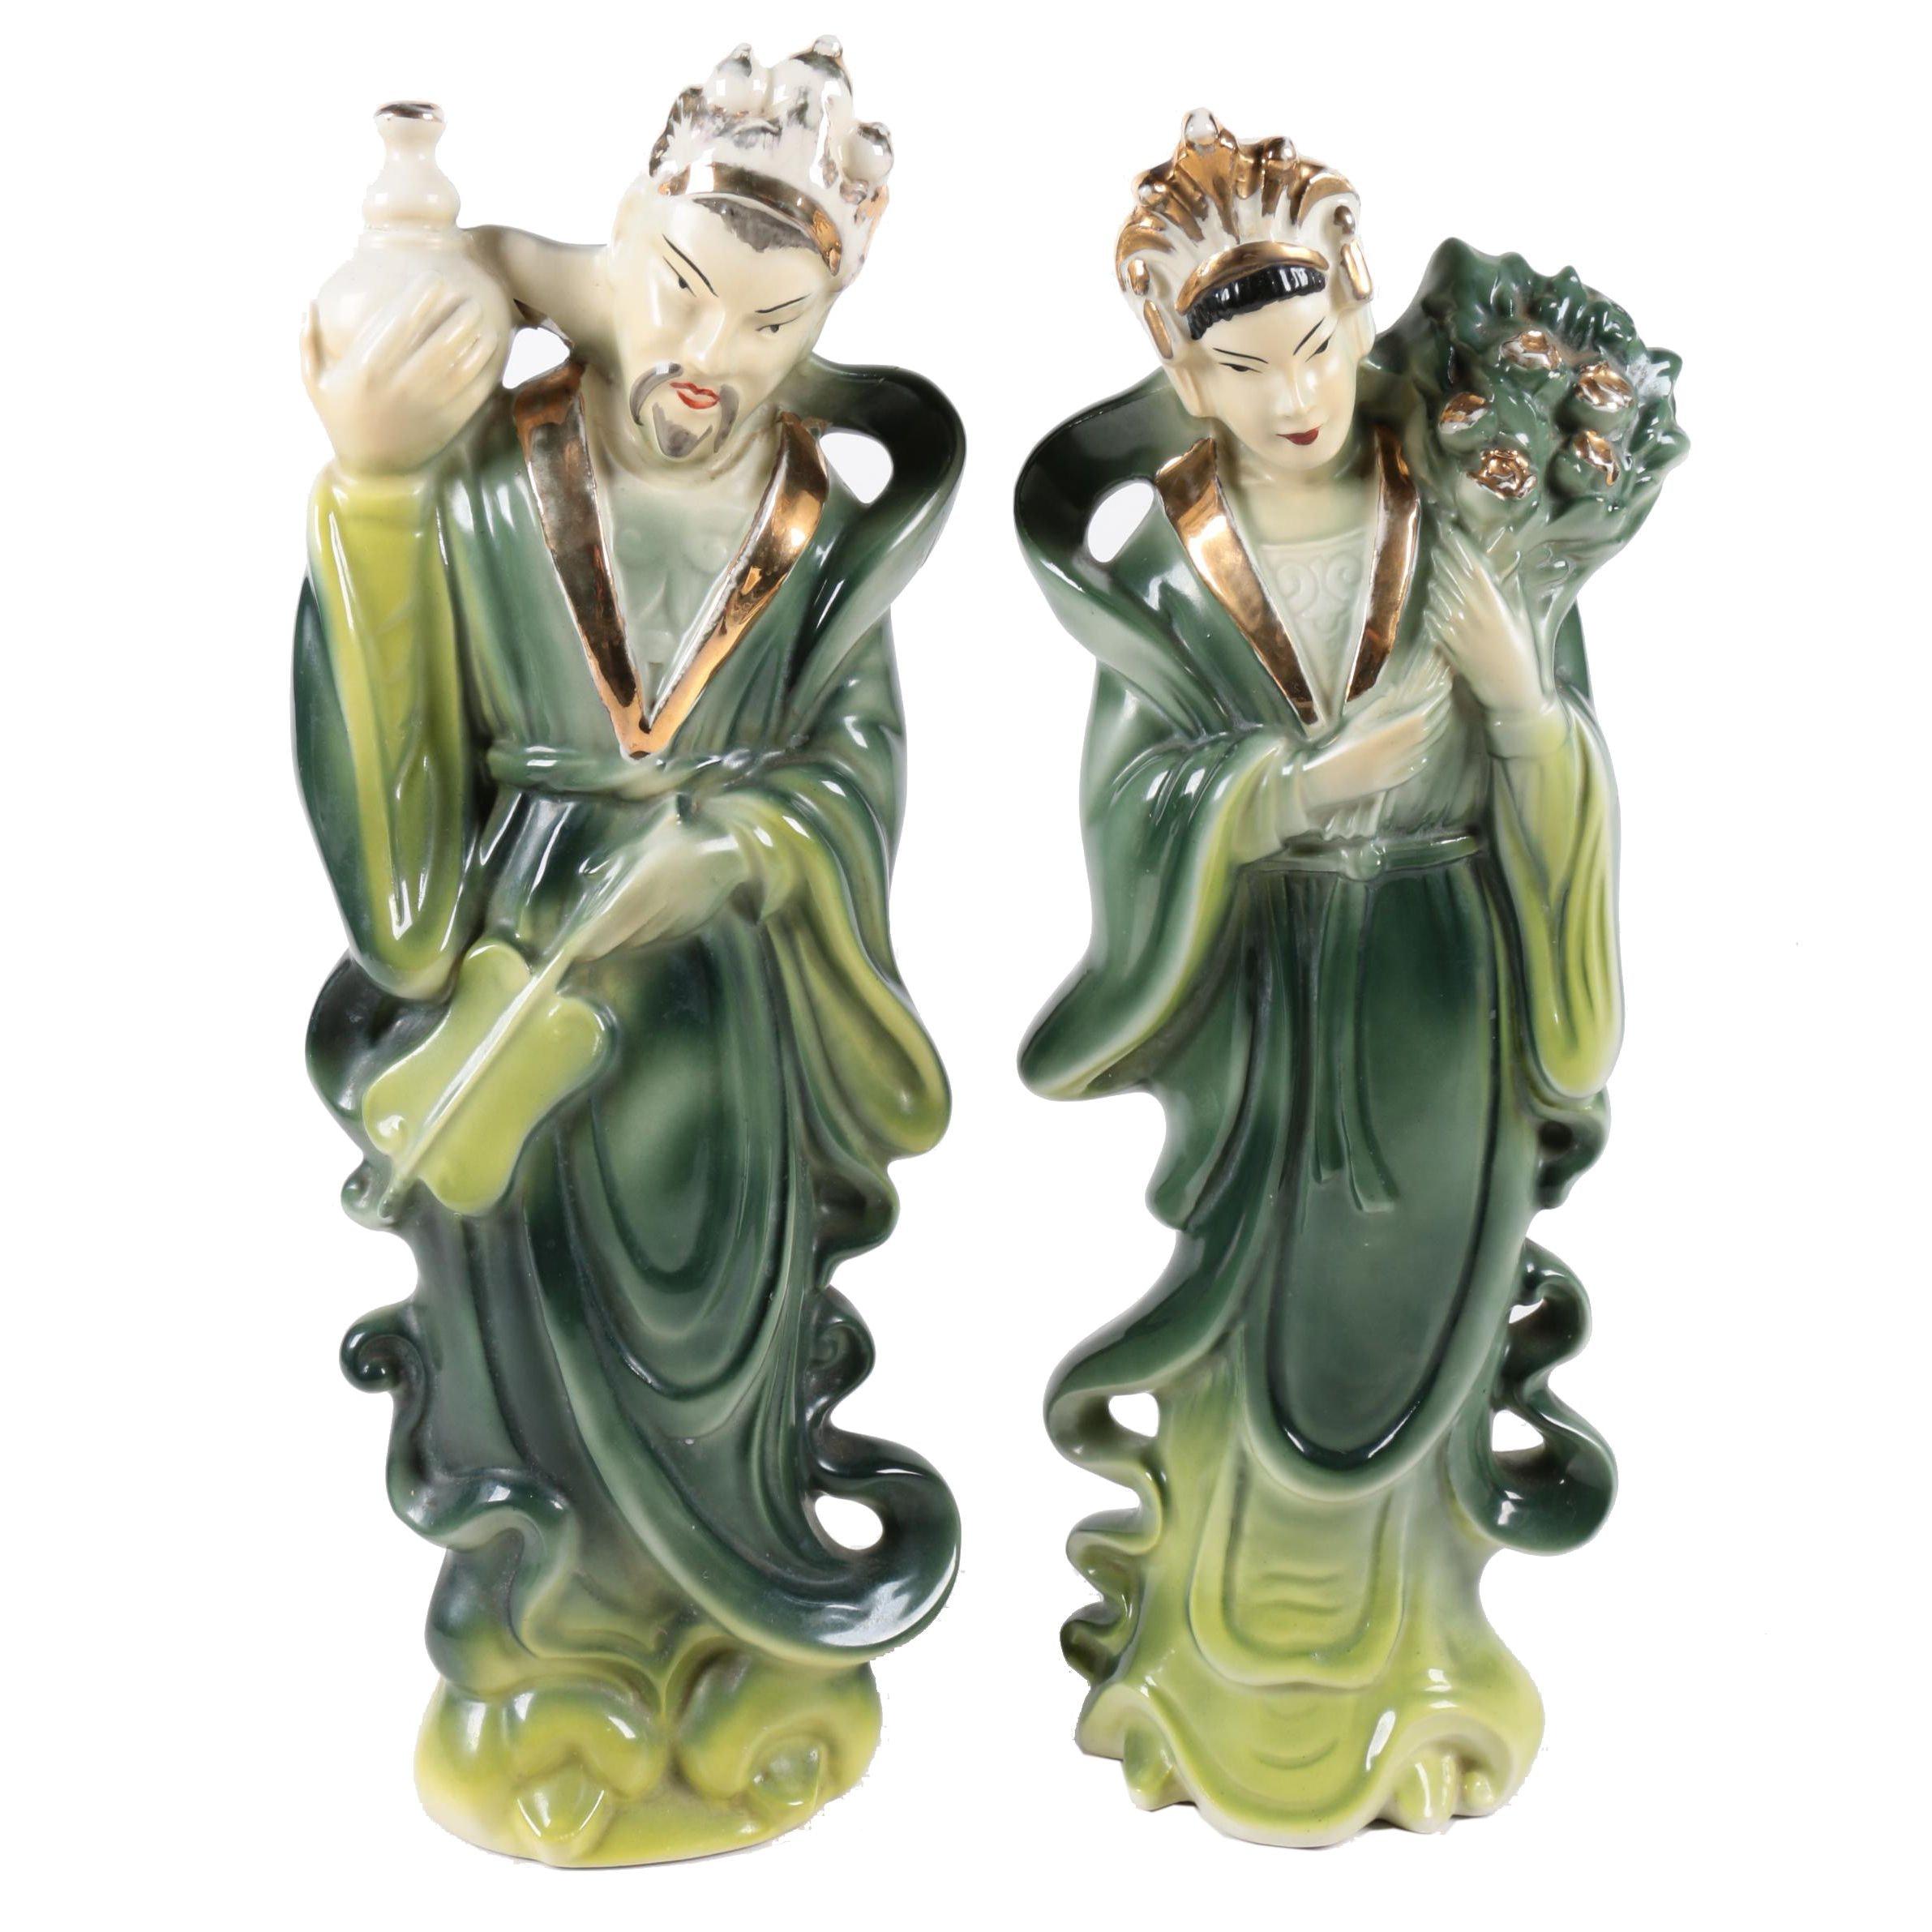 Asian Motif Ceramic Figurines